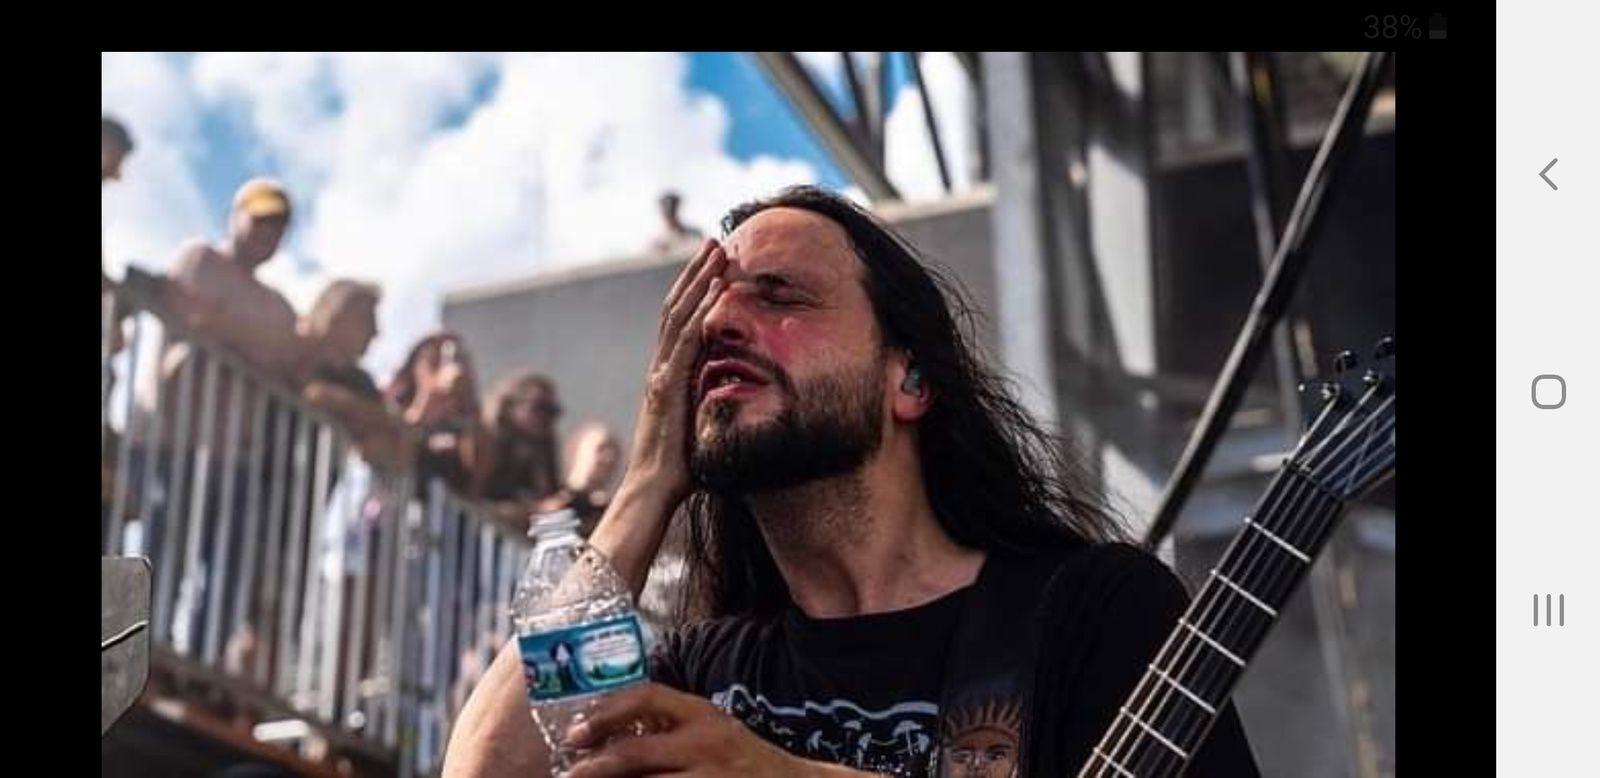 Le guitariste de GOJIRA brulé sur scene